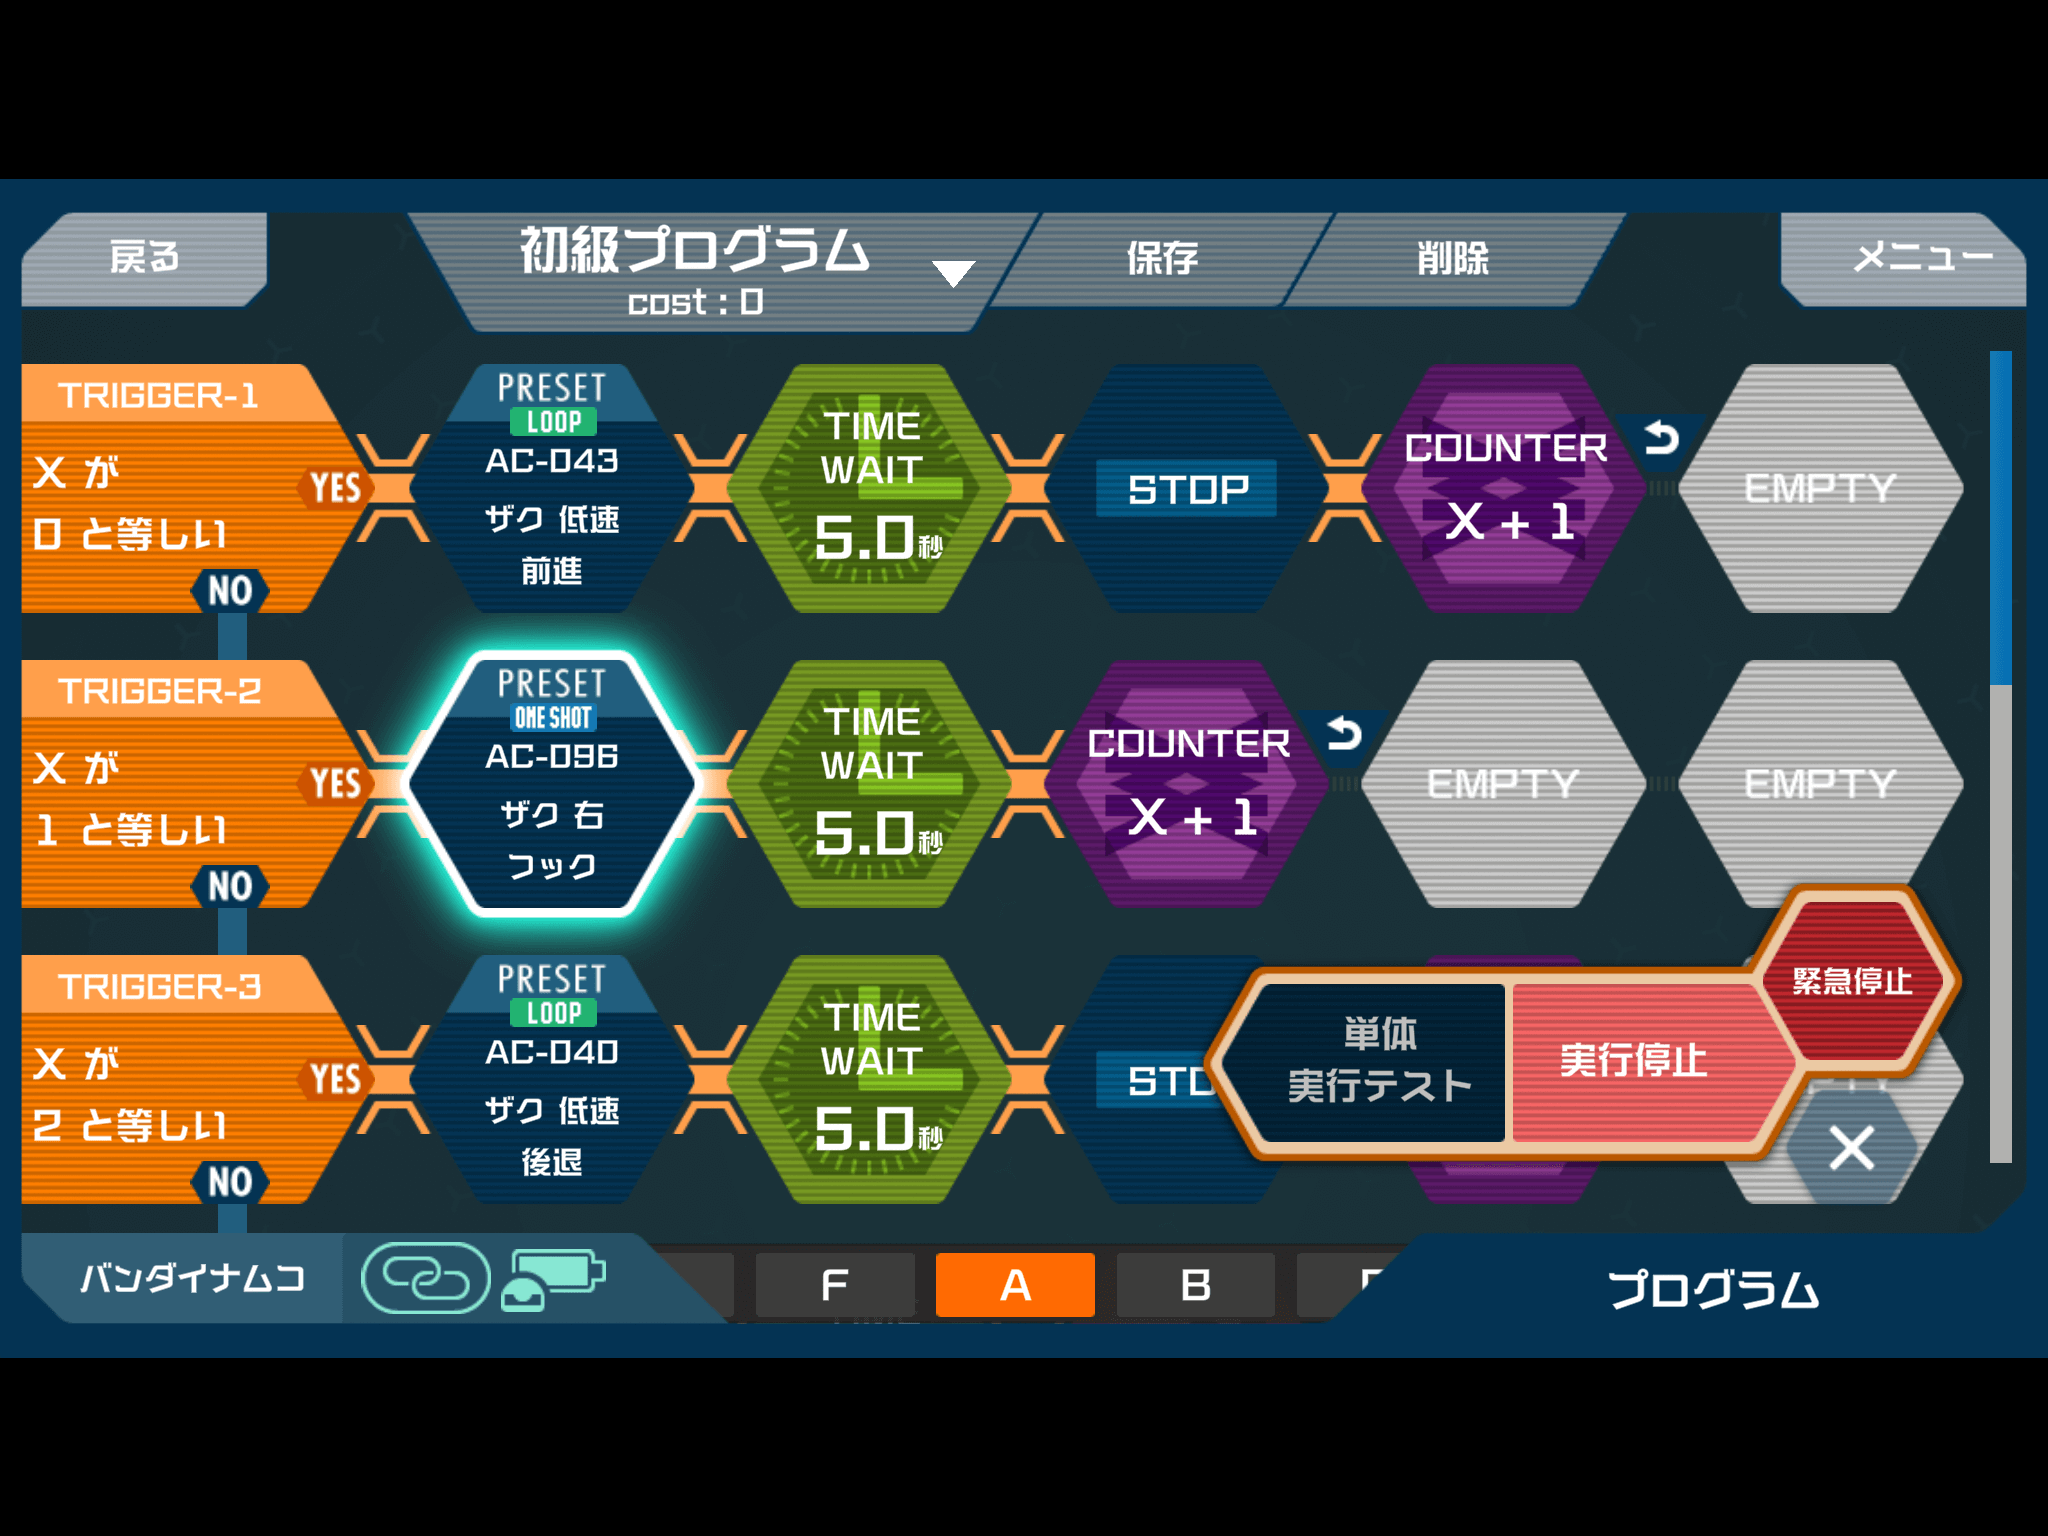 キャプ[622a]